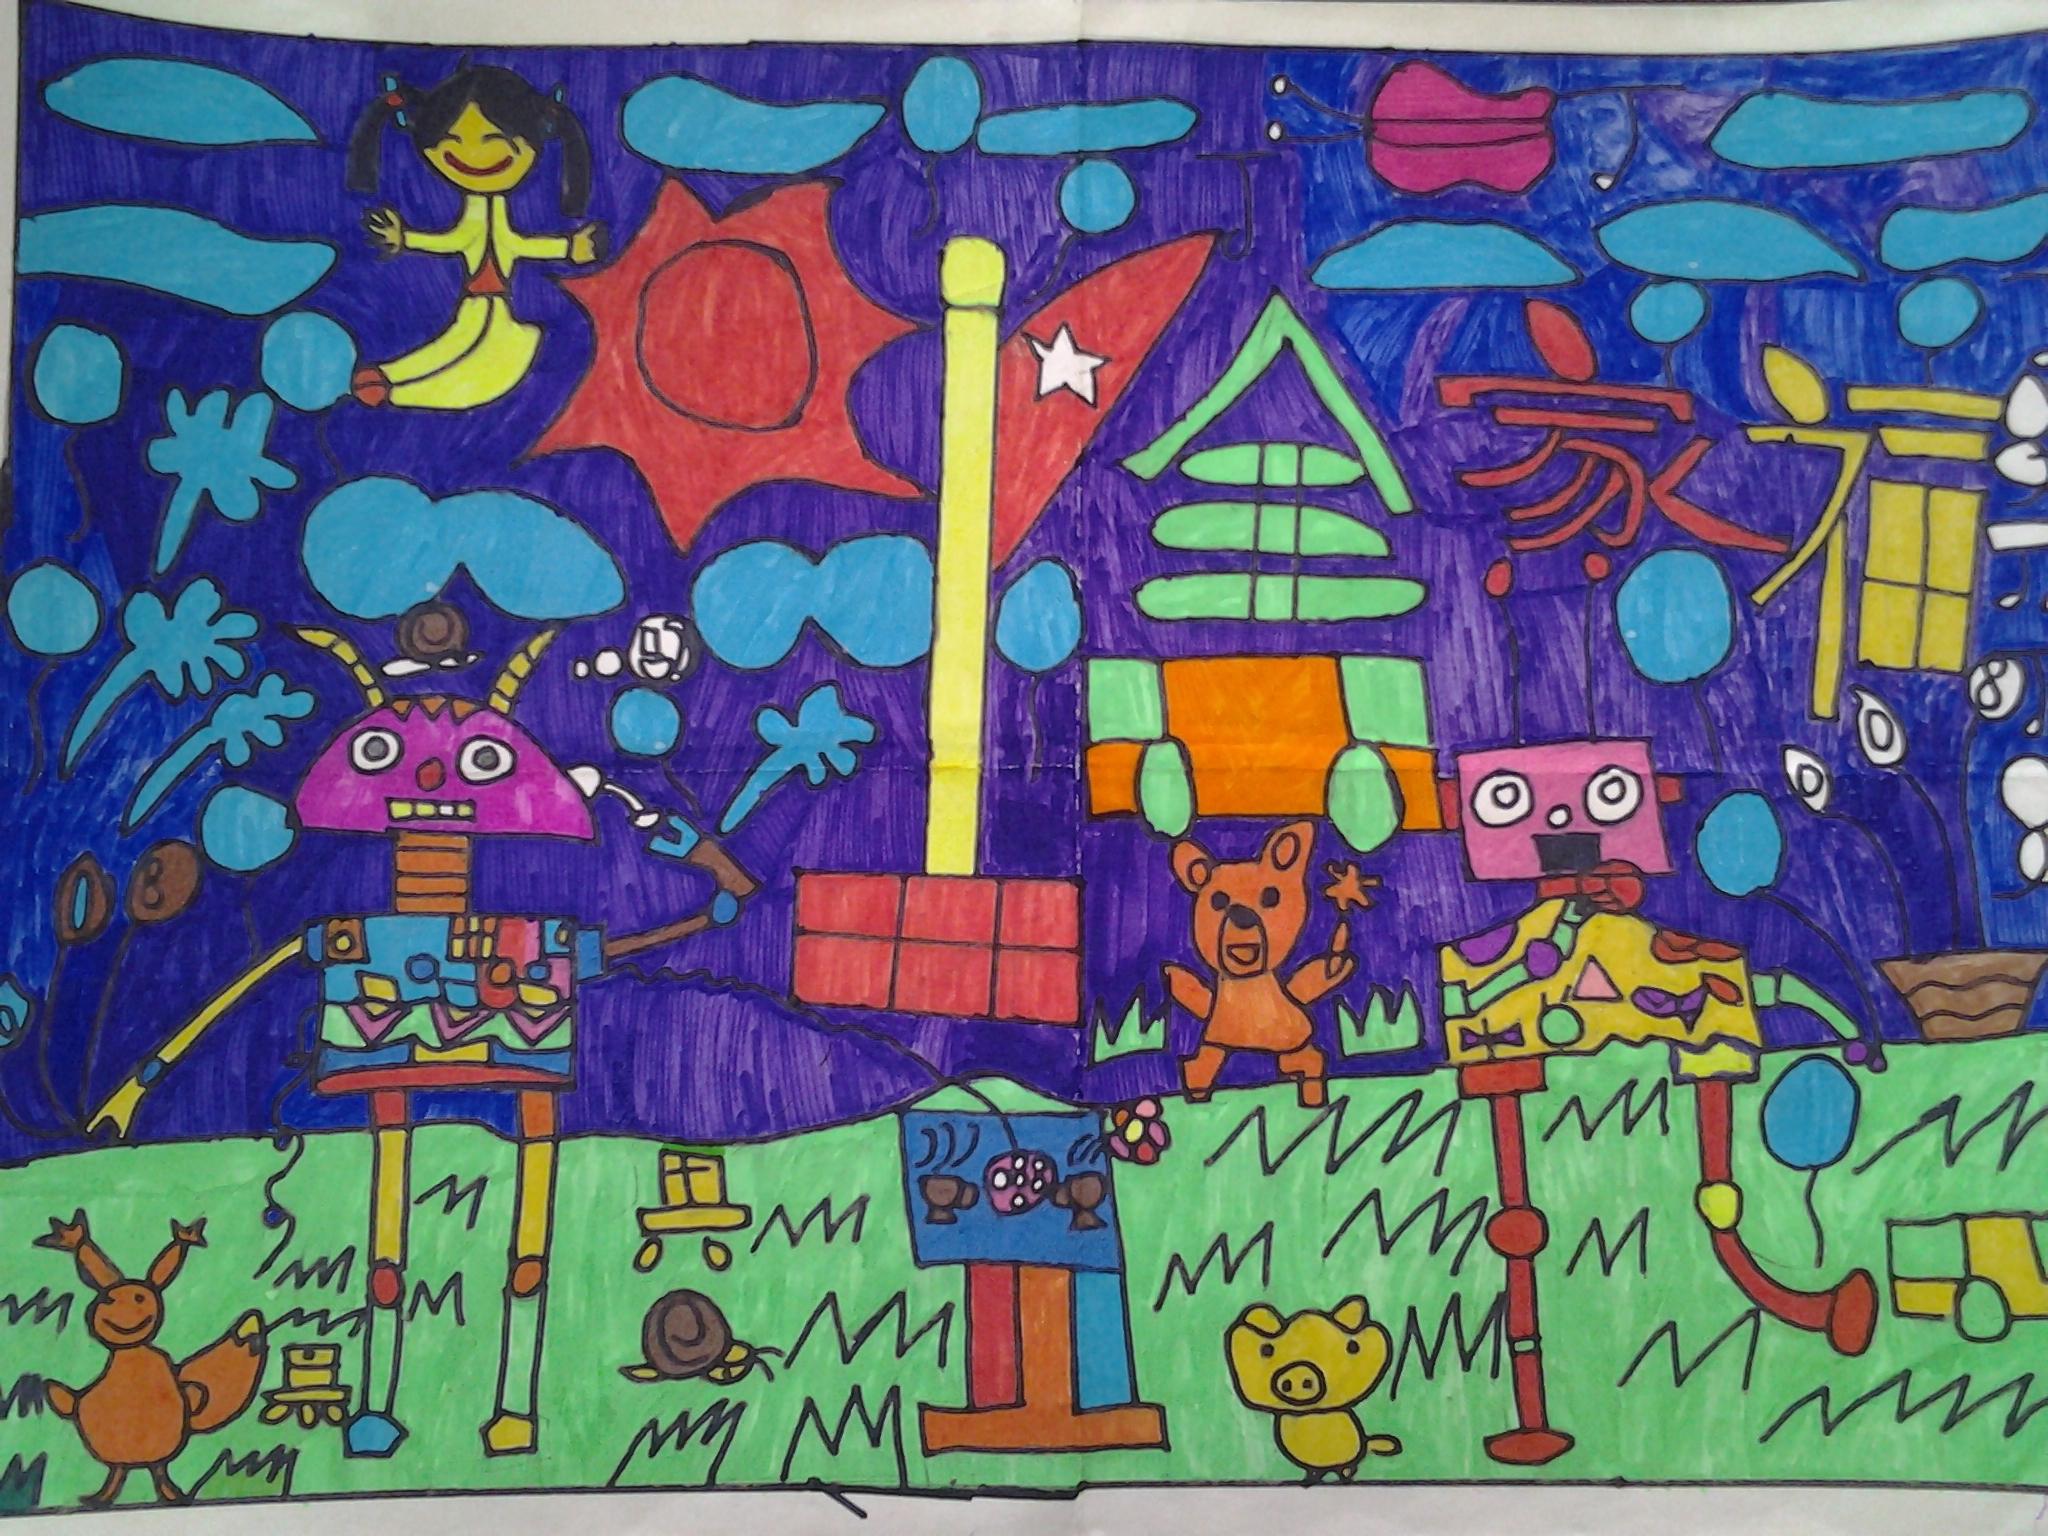 儿童科幻画怎么画_易发生活网